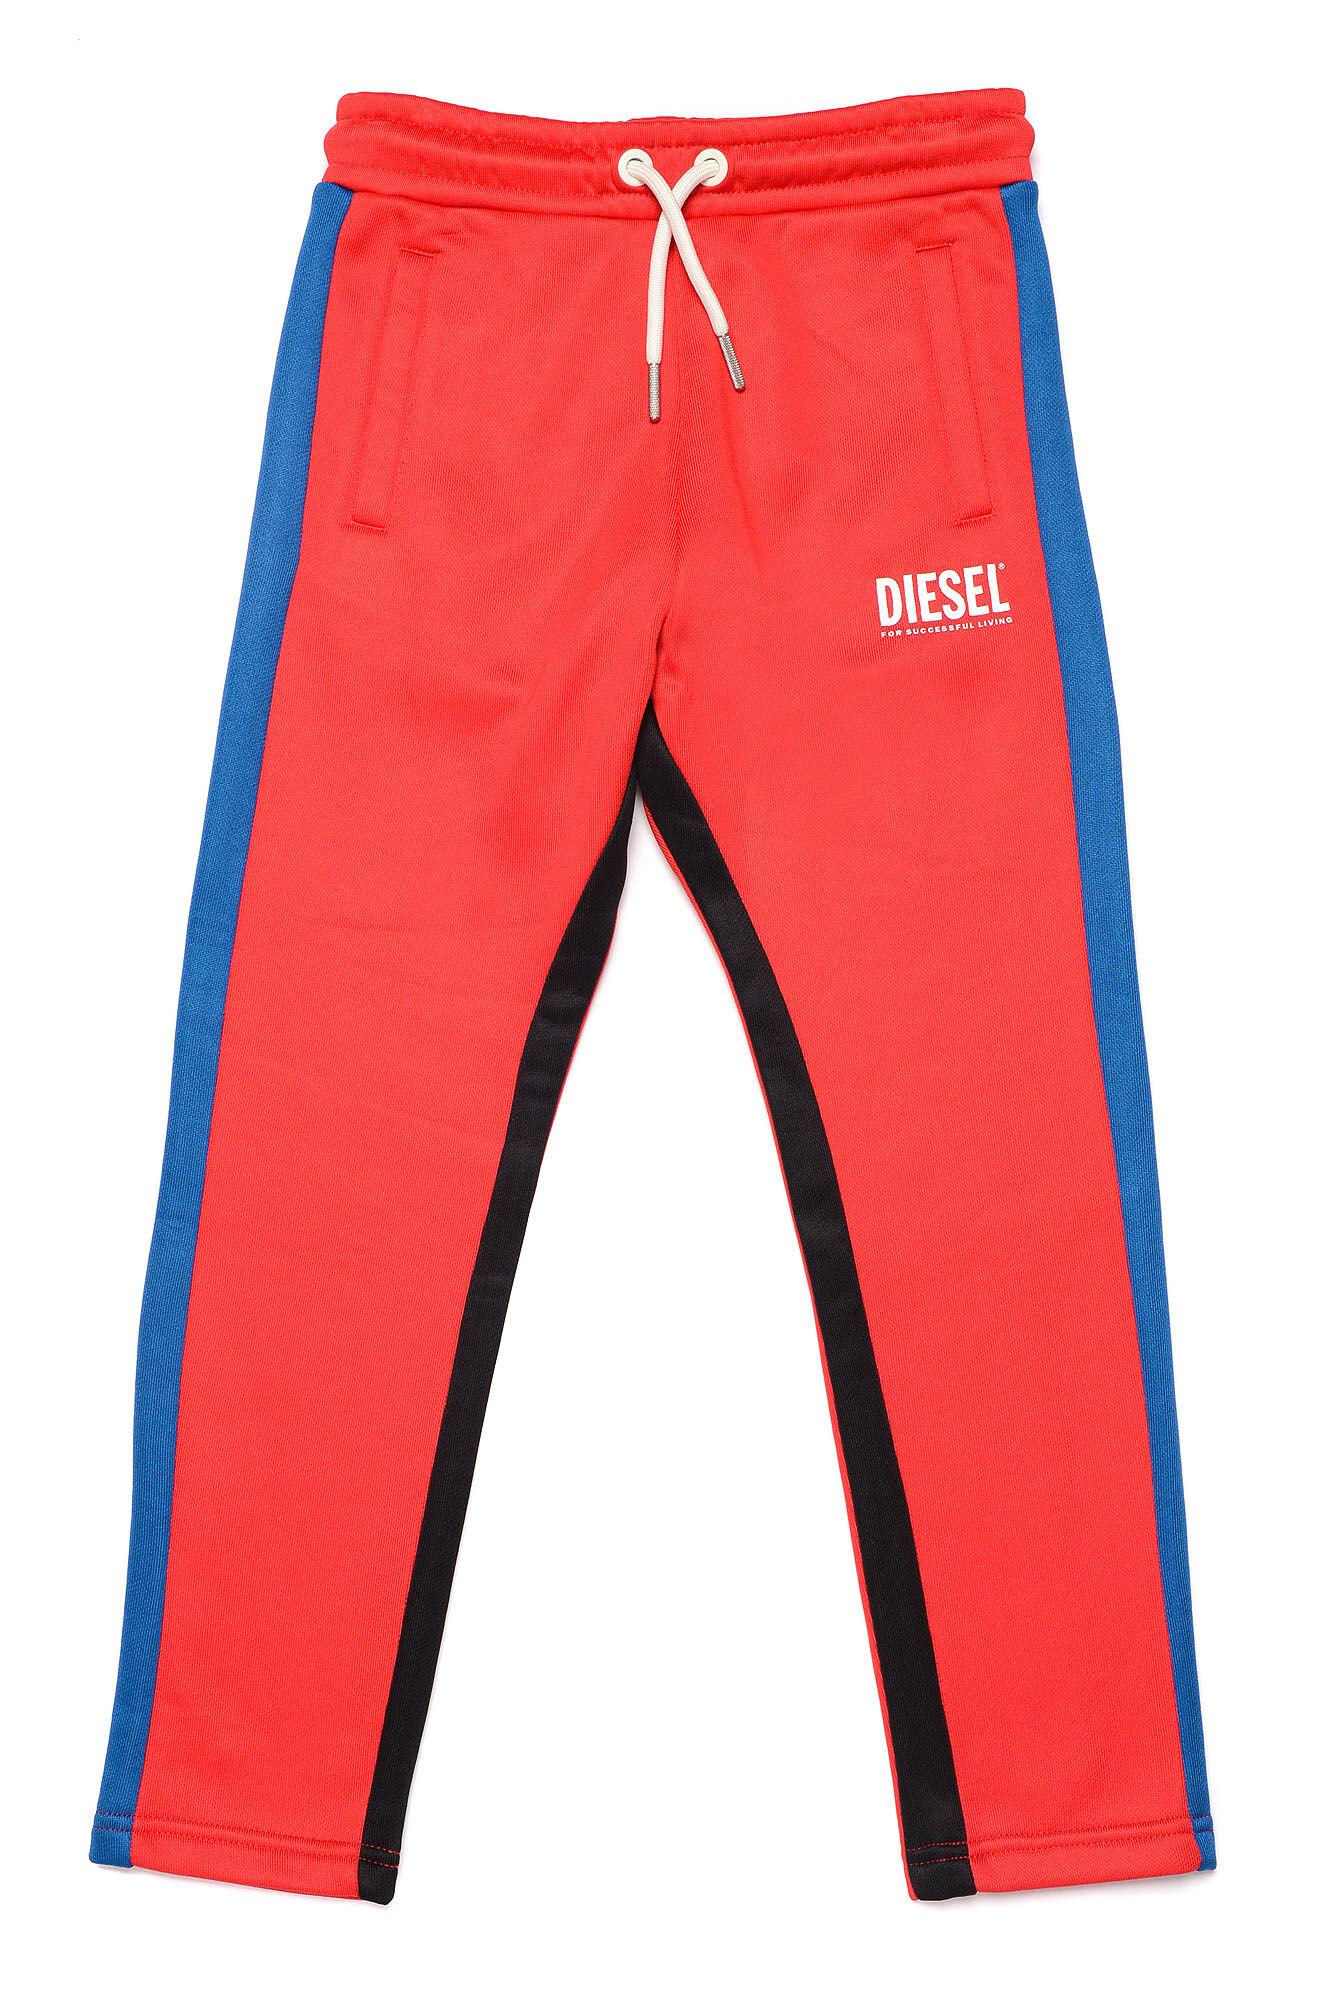 Pakony Pants - Diesel Kid